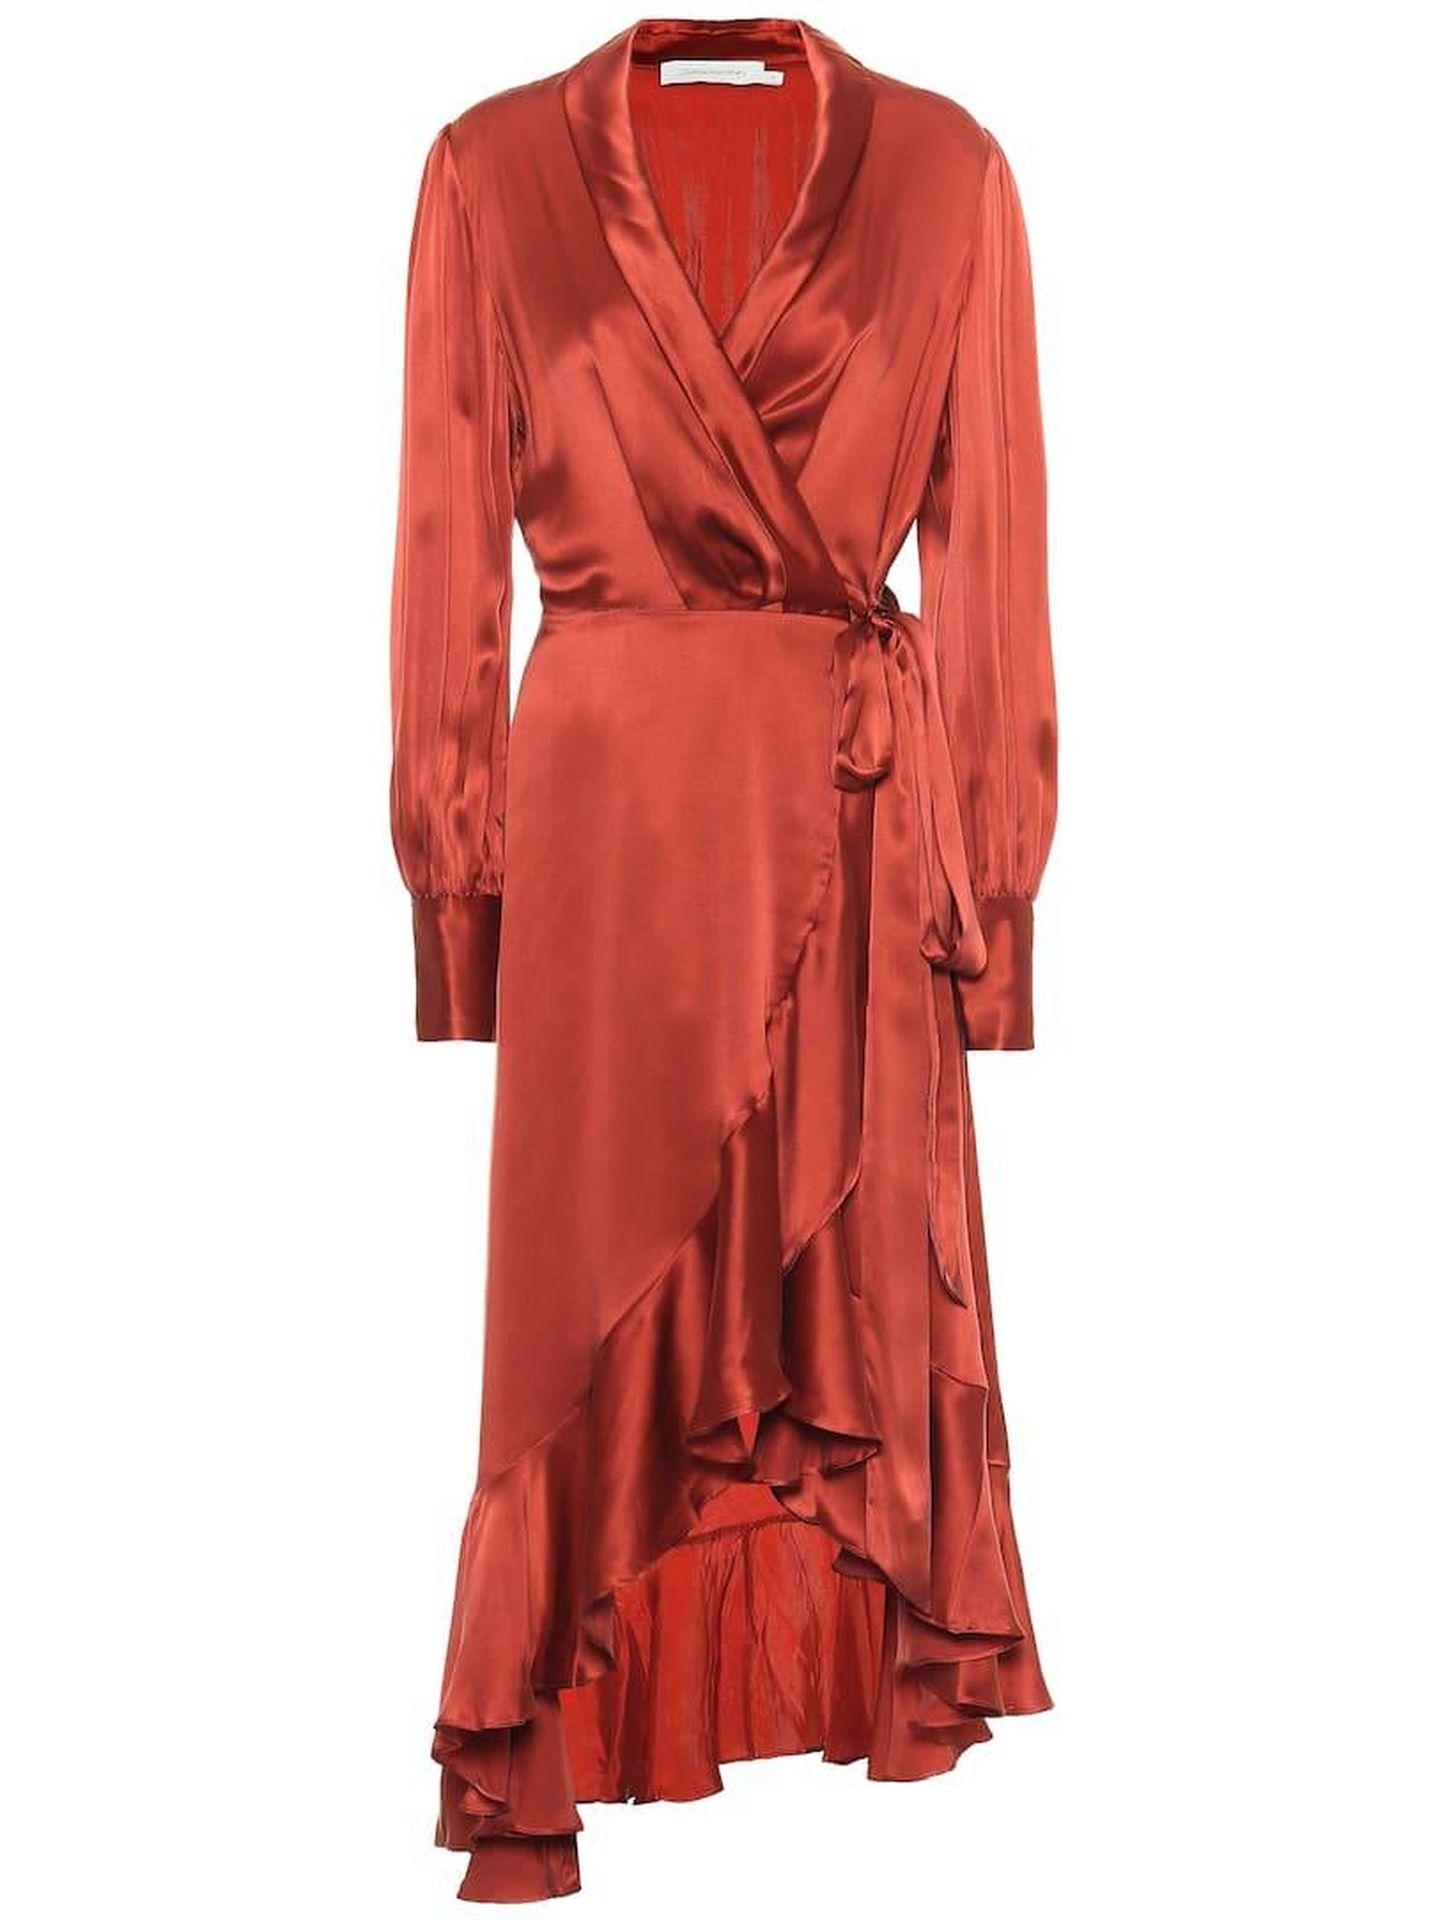 El otro vestido.